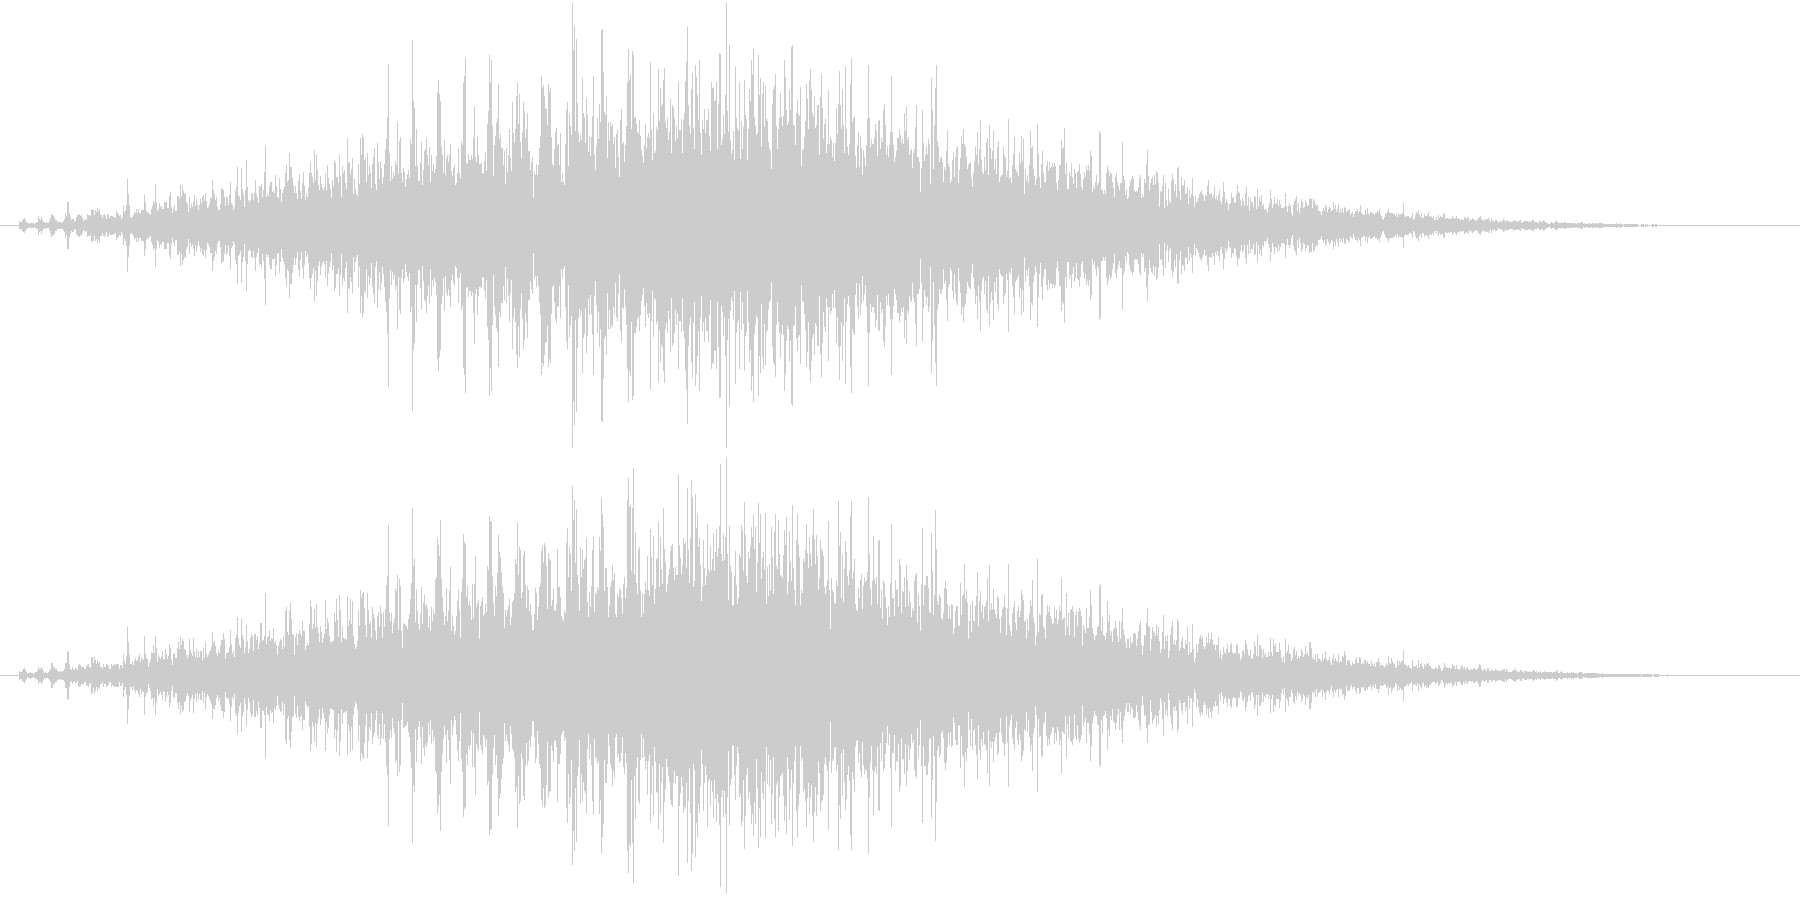 音侍SE「シュルシュル」石を擦った鈴の音の未再生の波形